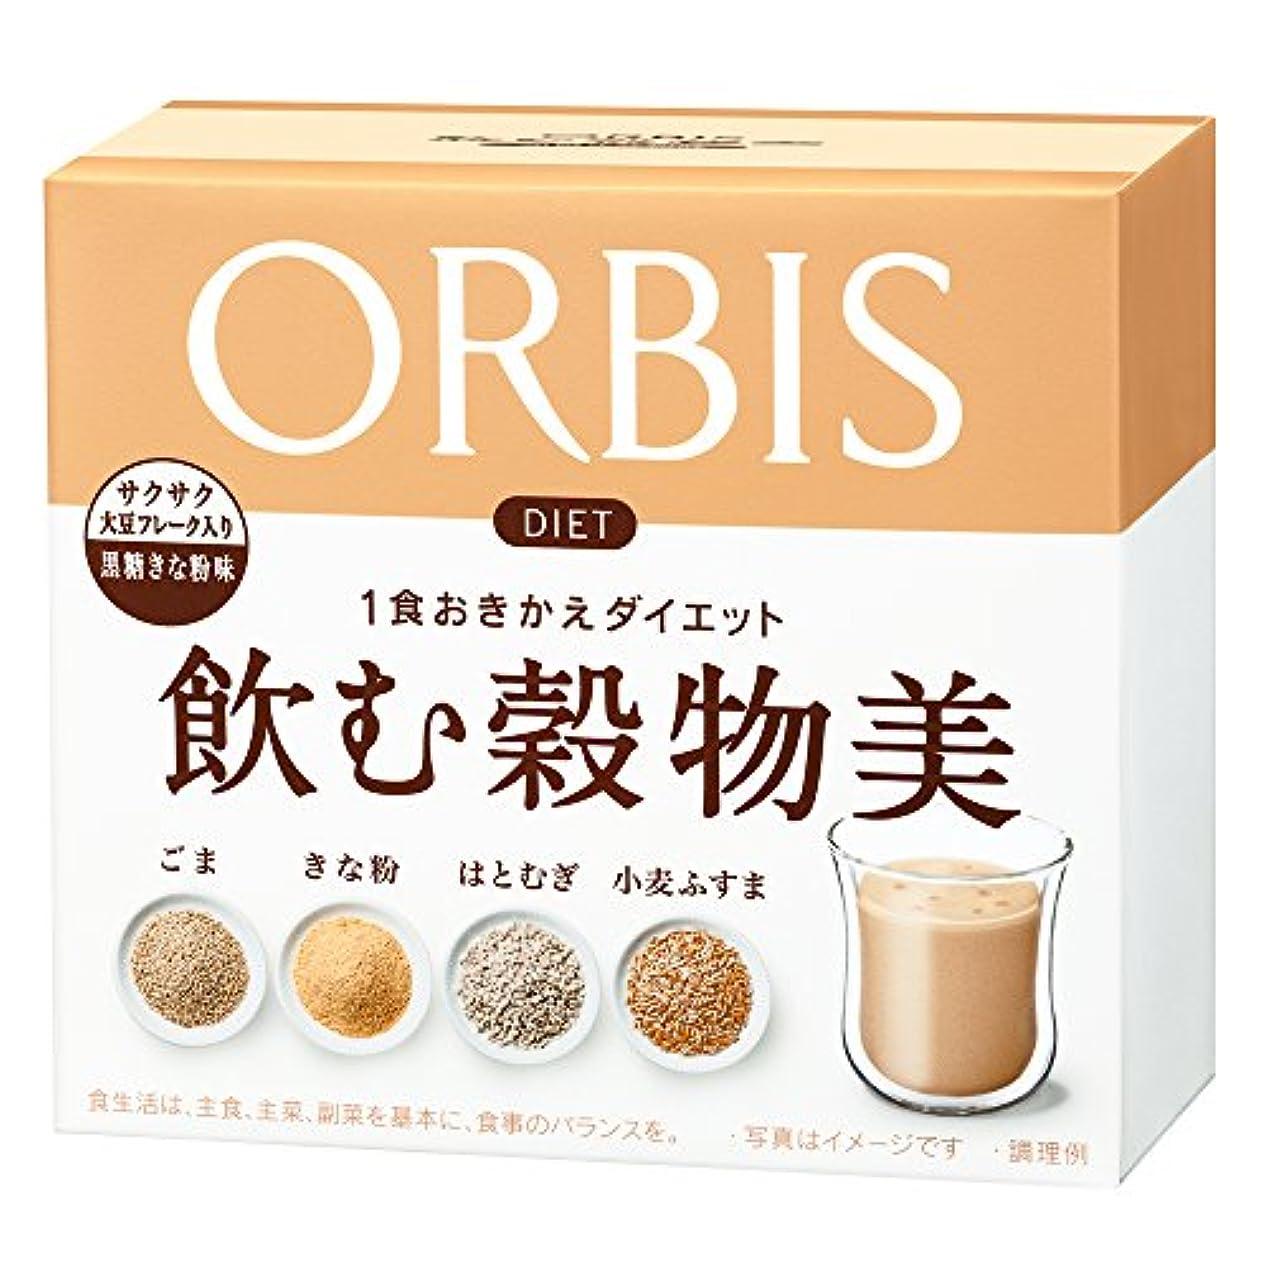 ぴかぴか不安交通オルビス(ORBIS) 飲む穀物美 黒糖きなこ味 7日分(25g×7袋) ◎雑穀ダイエットシェイク◎ 1食分約189kcal